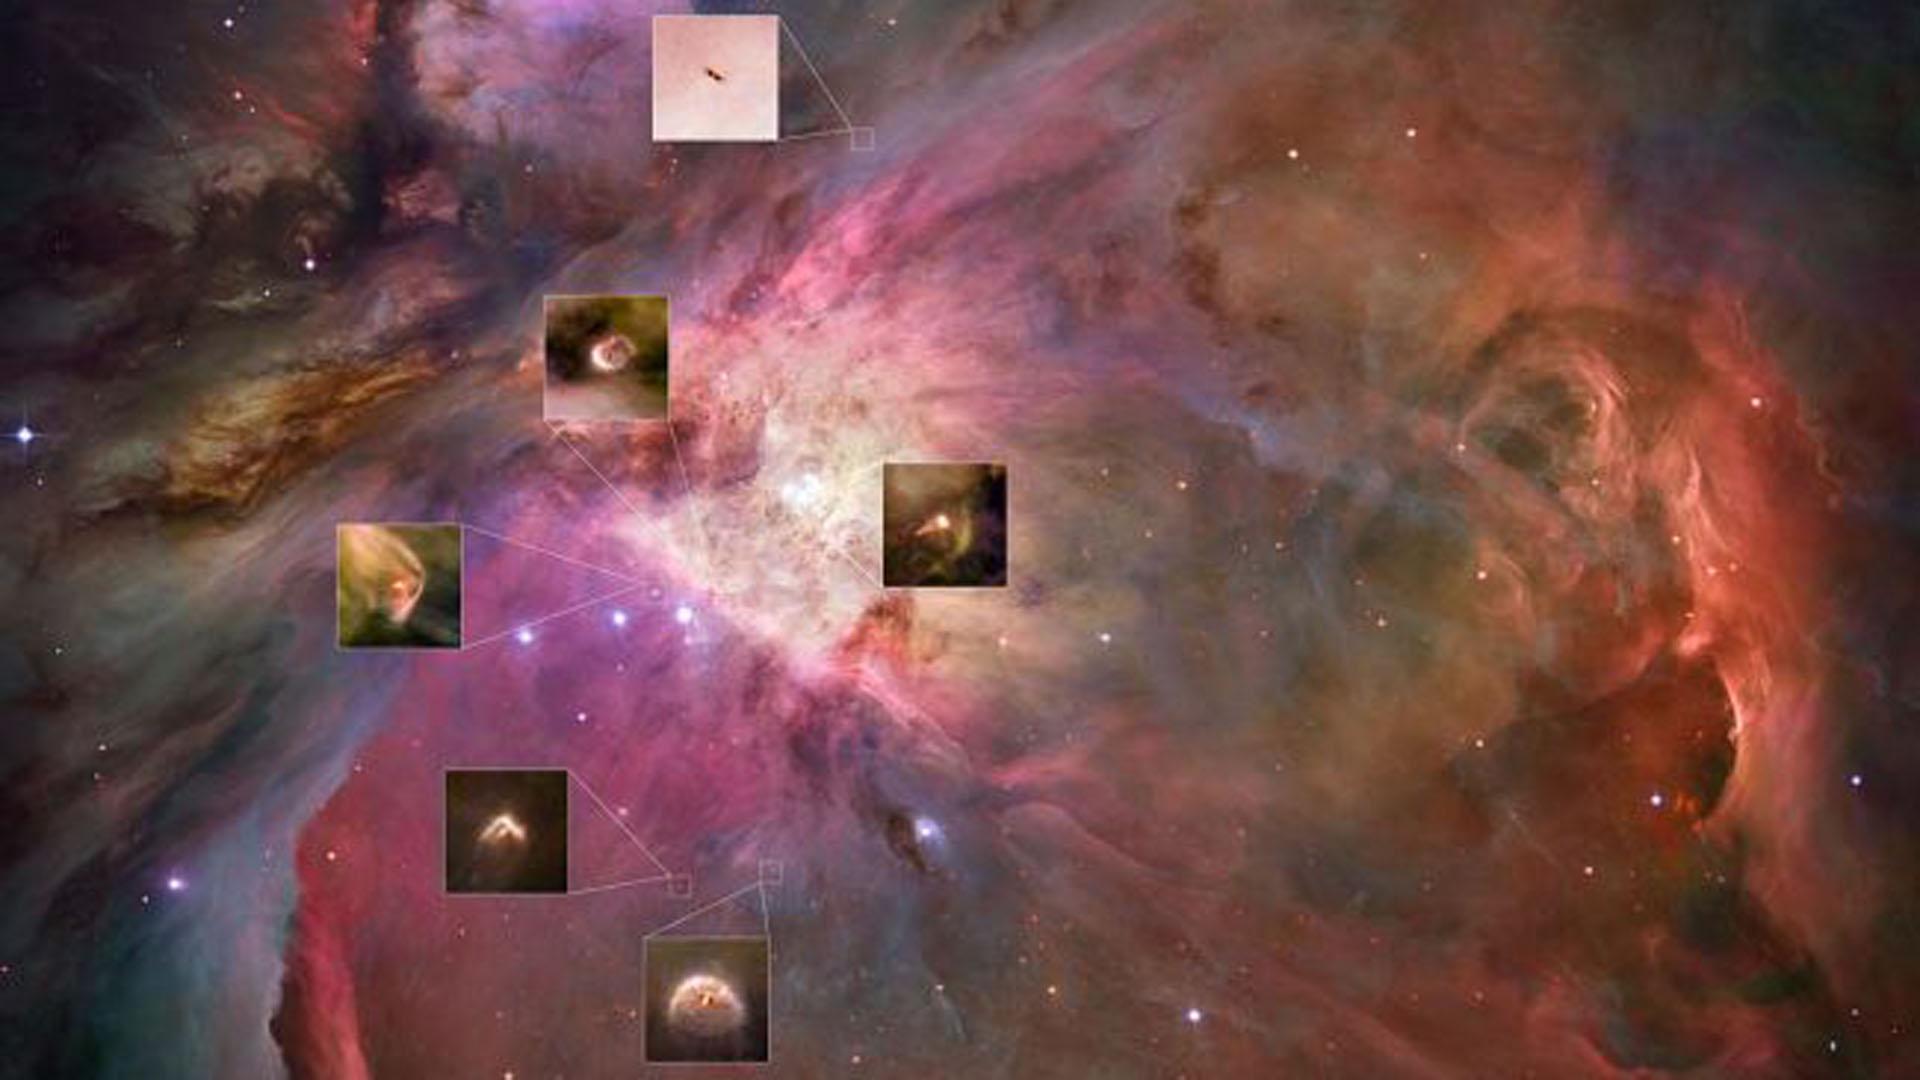 El Hubble pudo demostrar que los discos protoplanetarios de gas y polvo se encuentran en todas partes alrededor de muchas estrellas jóvenes